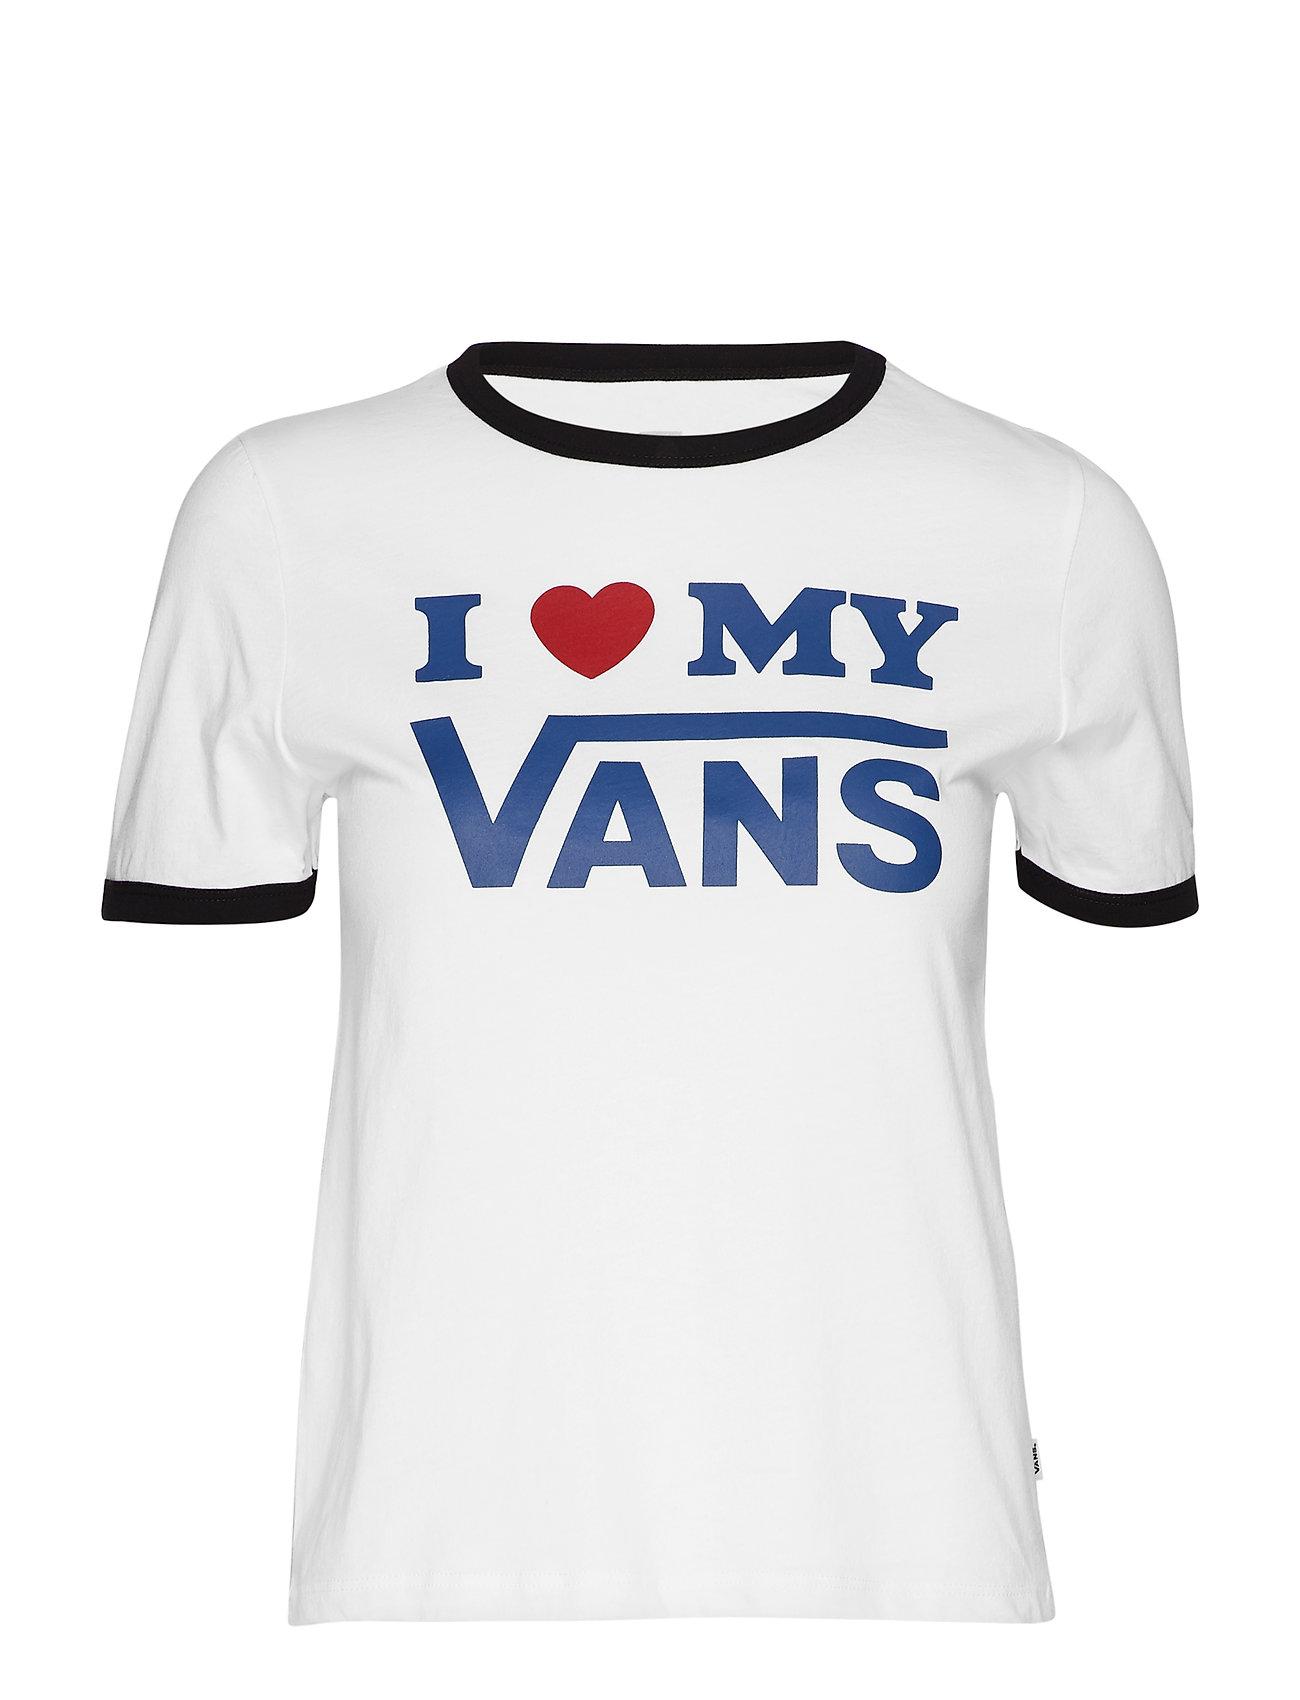 VANS VANS LOVE RINGER - WHITE/BLACK